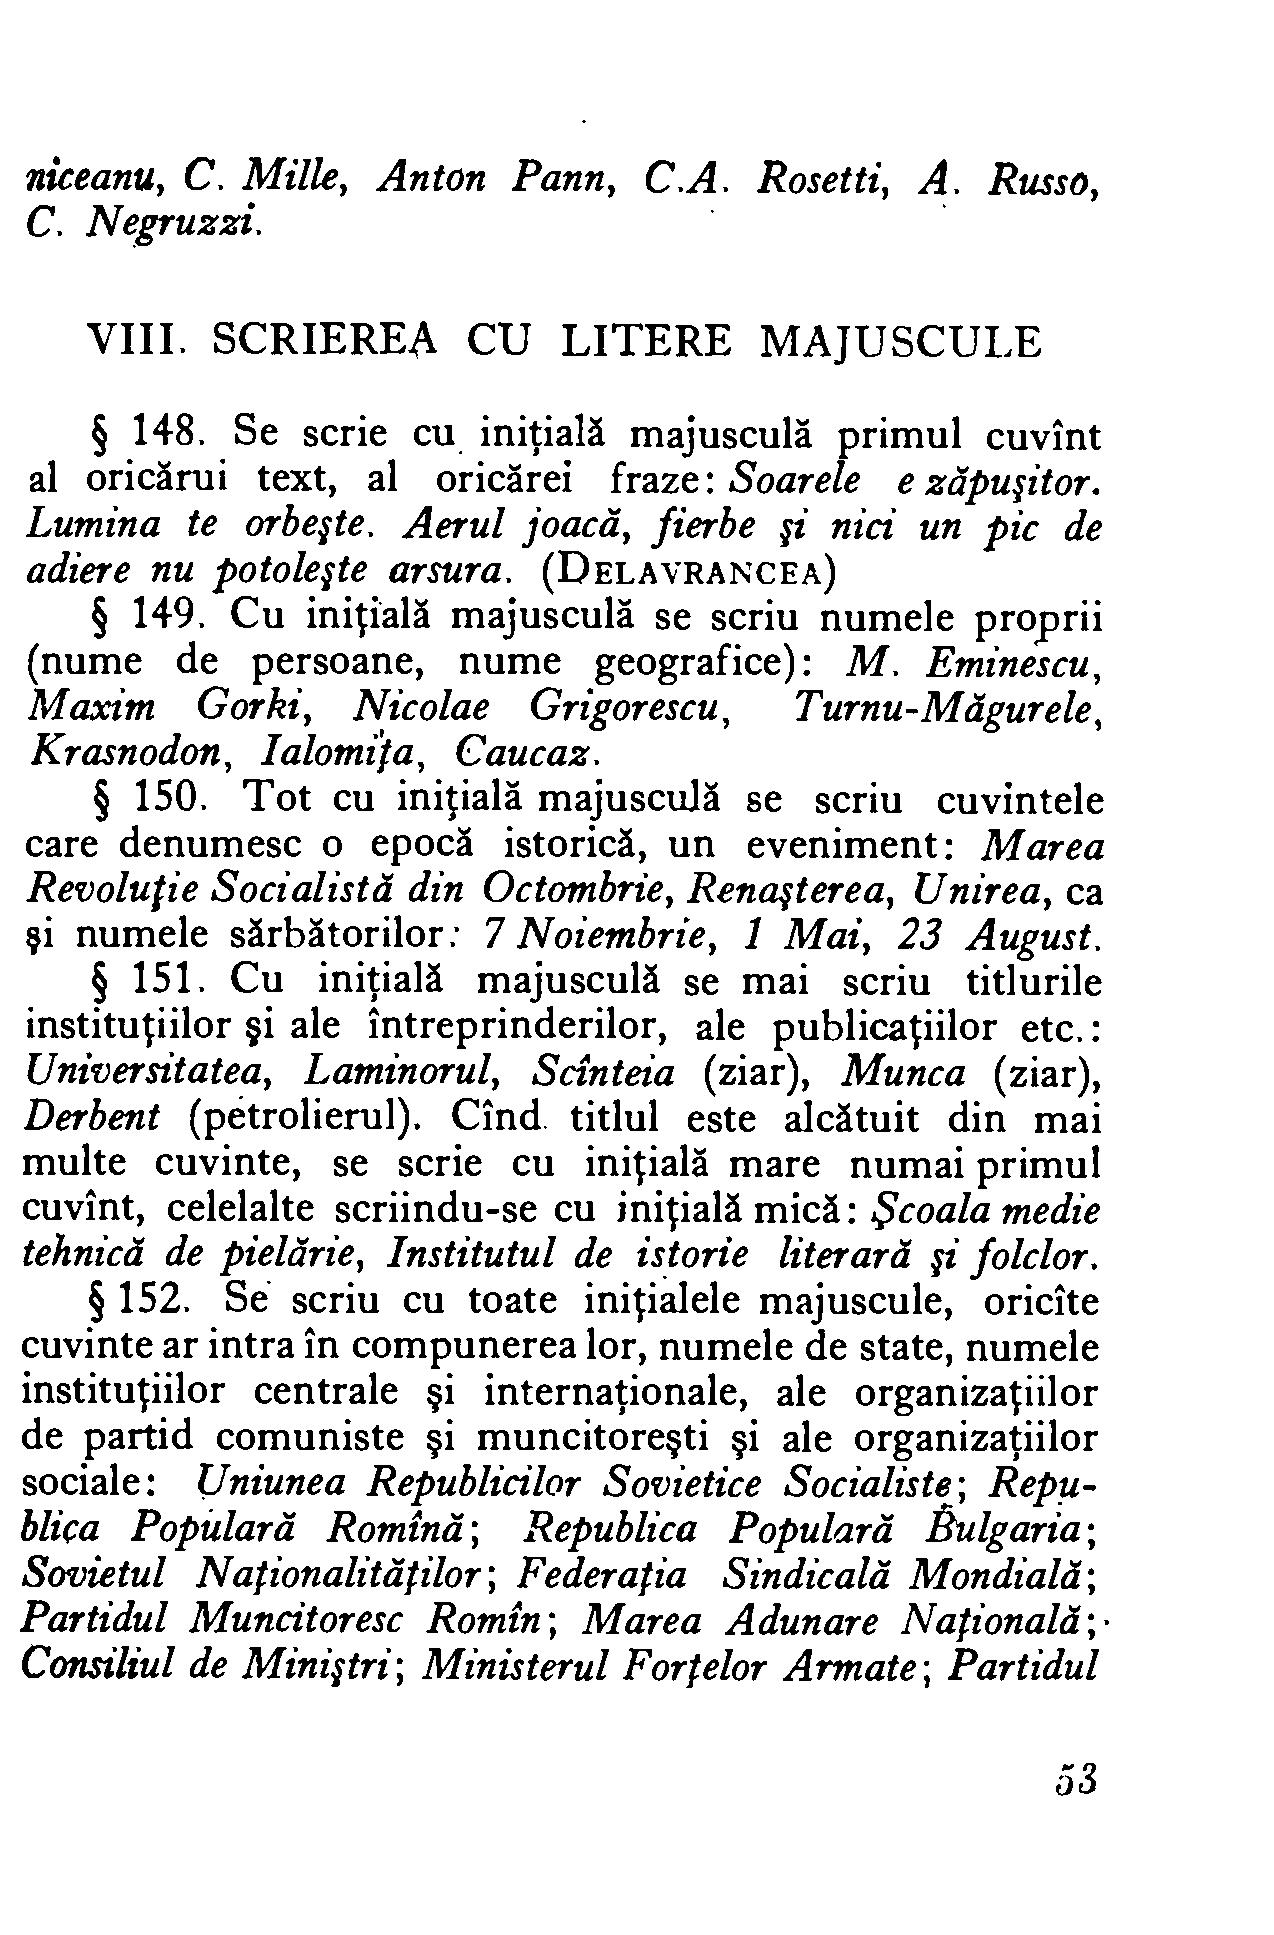 1954 - Mic dicționar ortografic (51).png